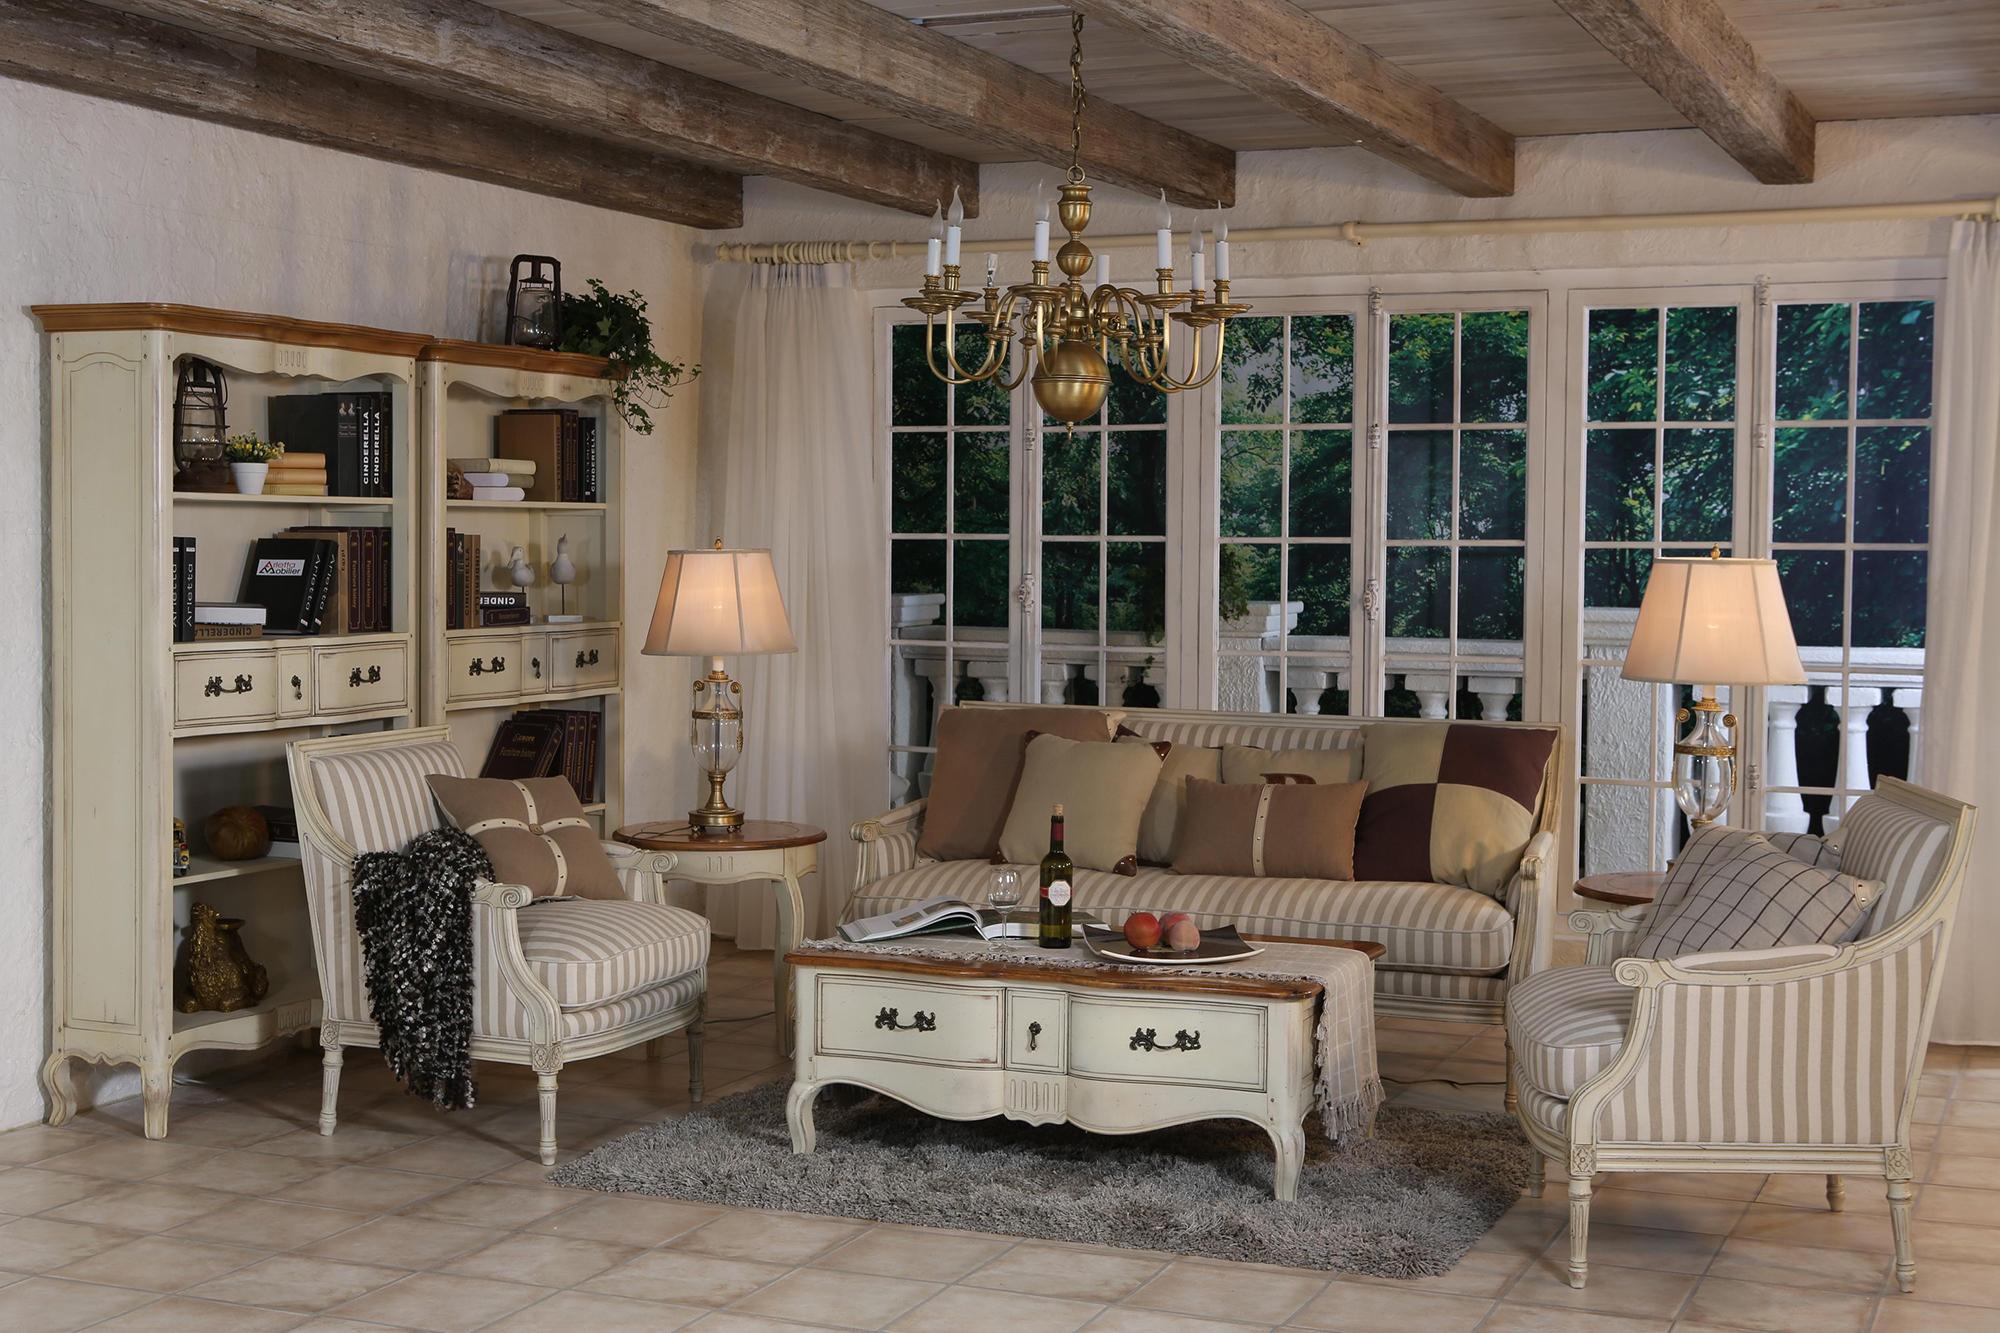 Бежевый, белый и коричневый цвета в интерьере гостиной в стиле прованс